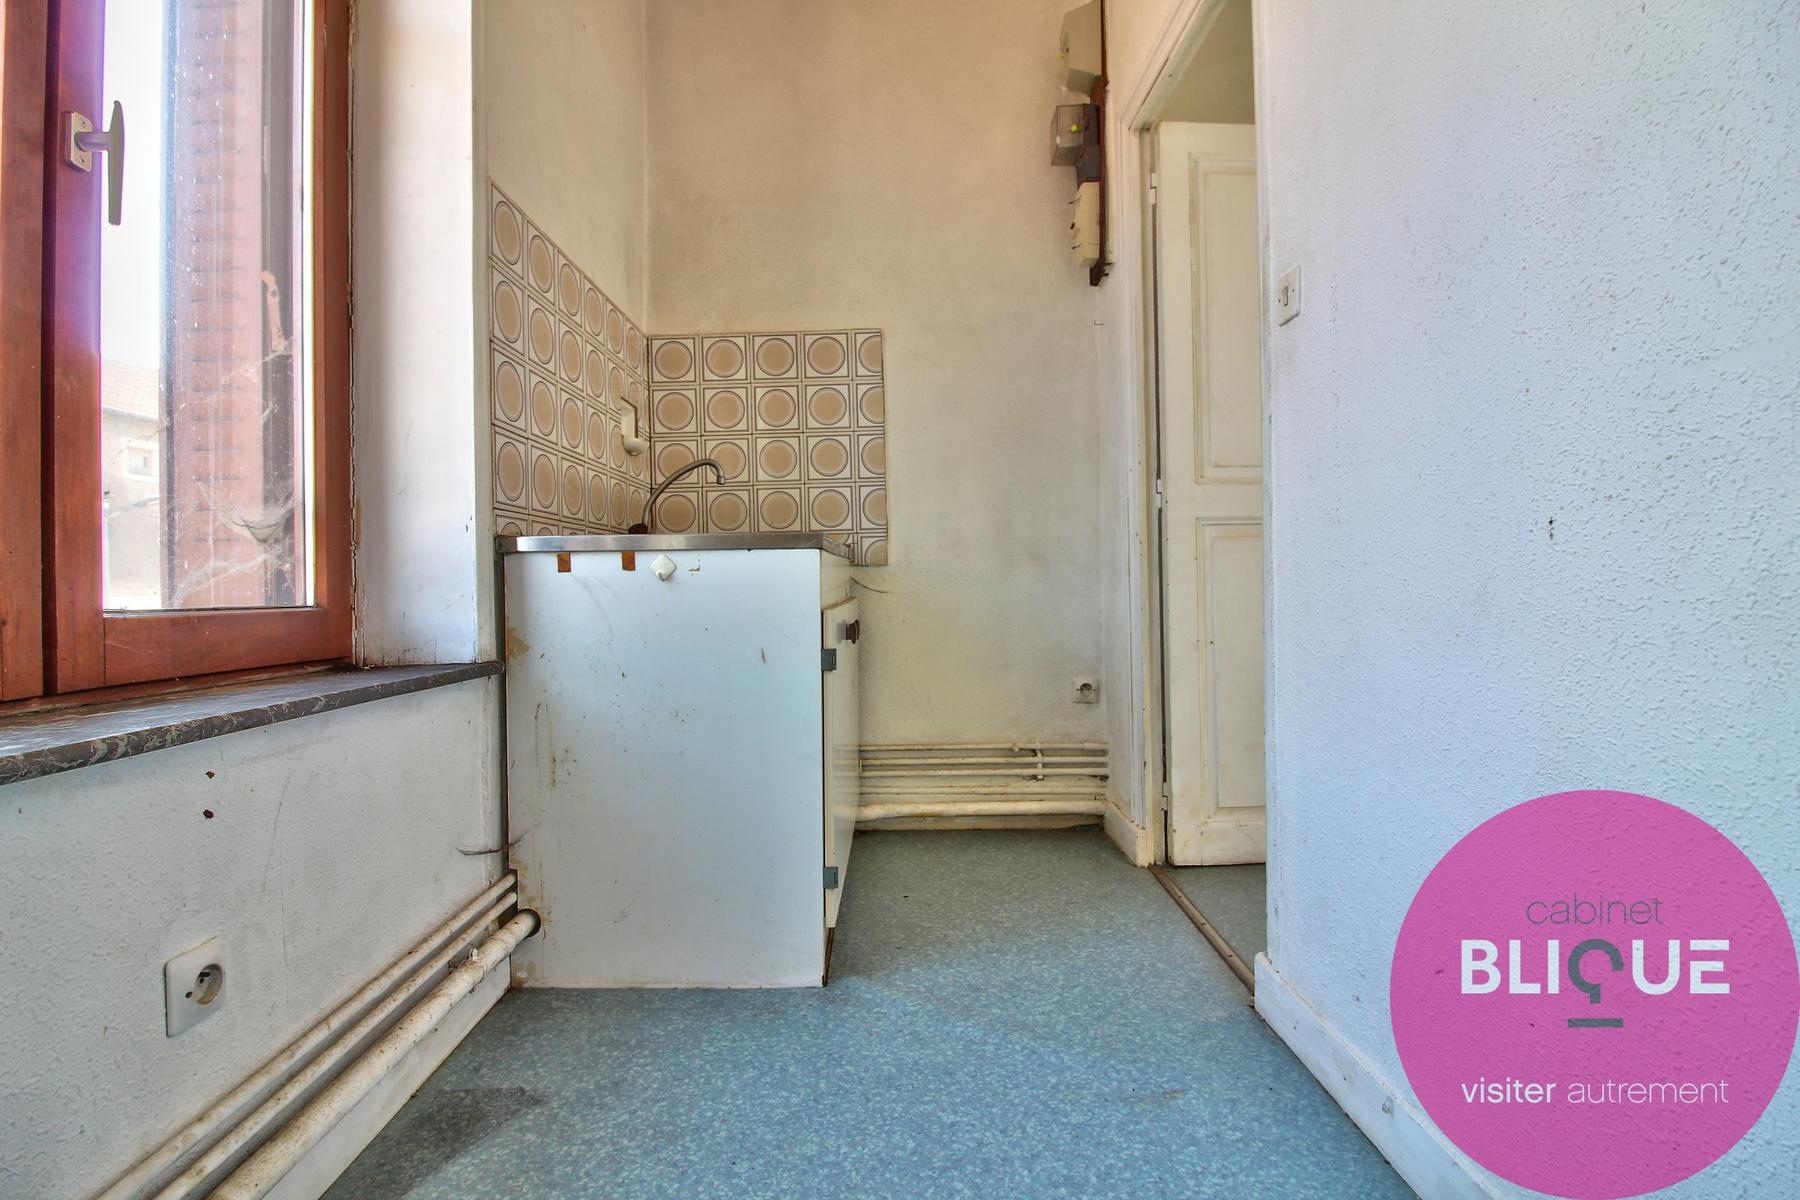 Salle De Bain 4.5 M2 laneuveville-devant-nancy, divers, 210 000 euros sur immobilier.lefigaro.fr